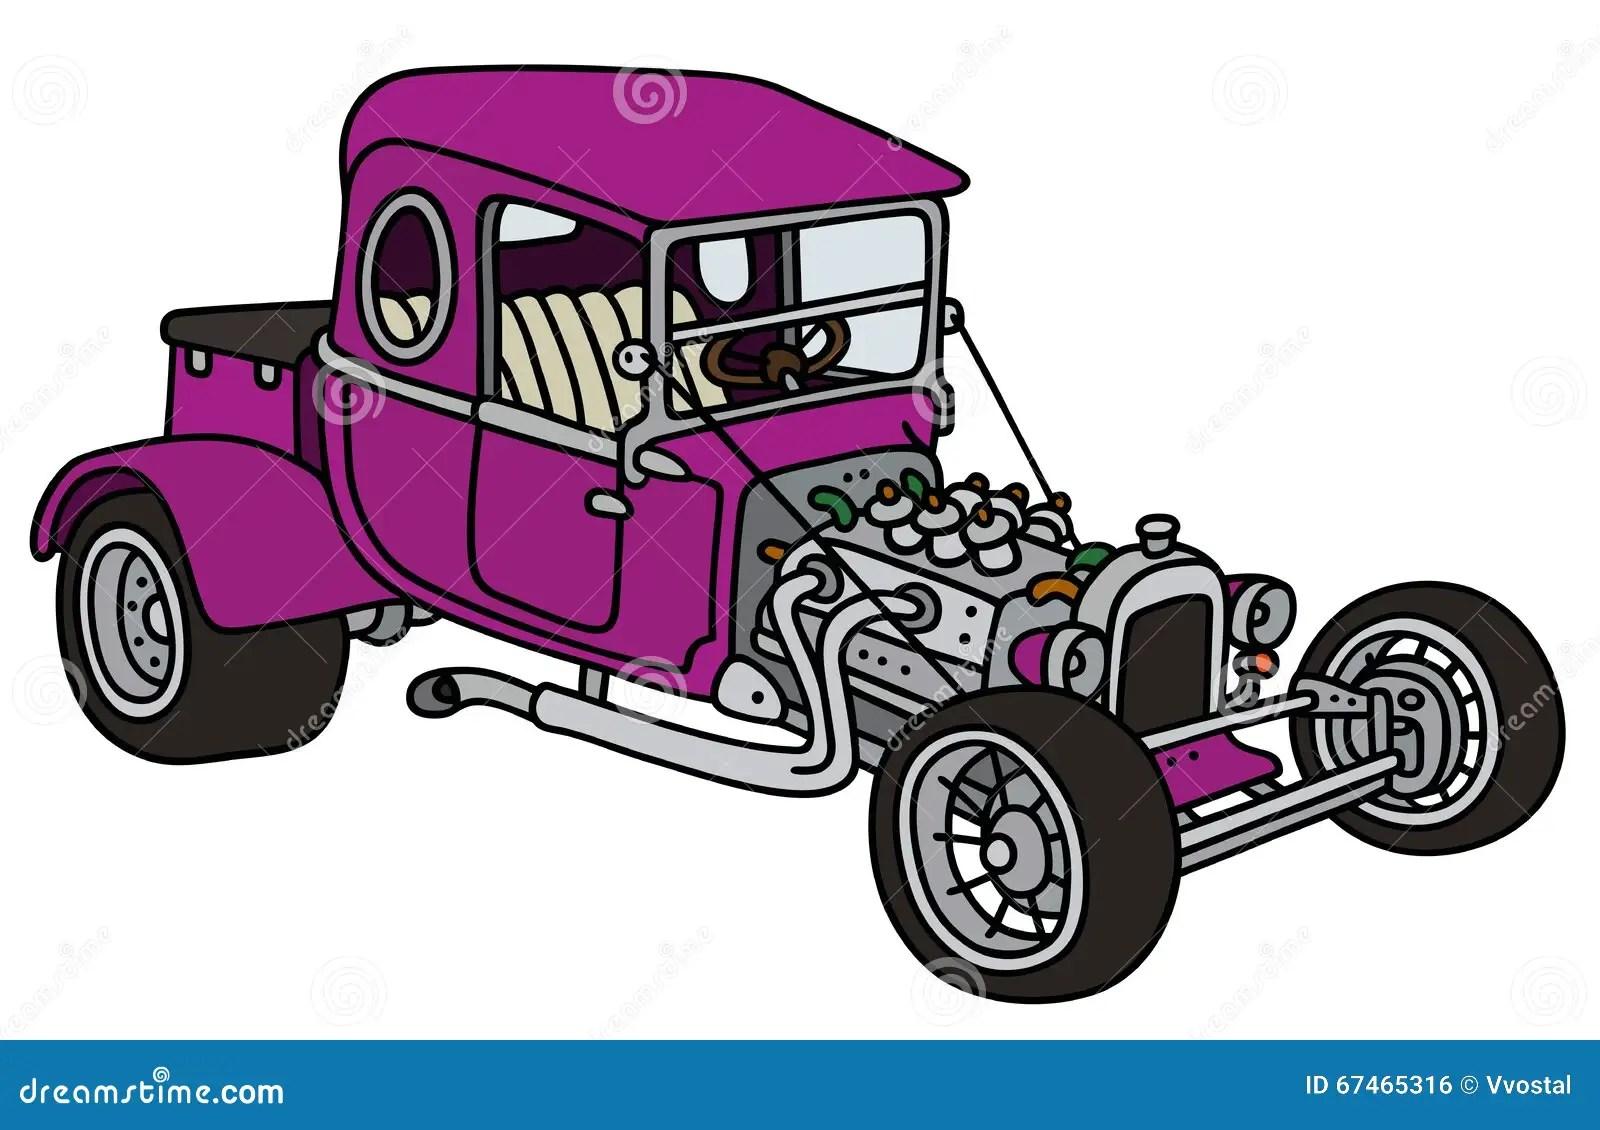 hight resolution of purple hot rod